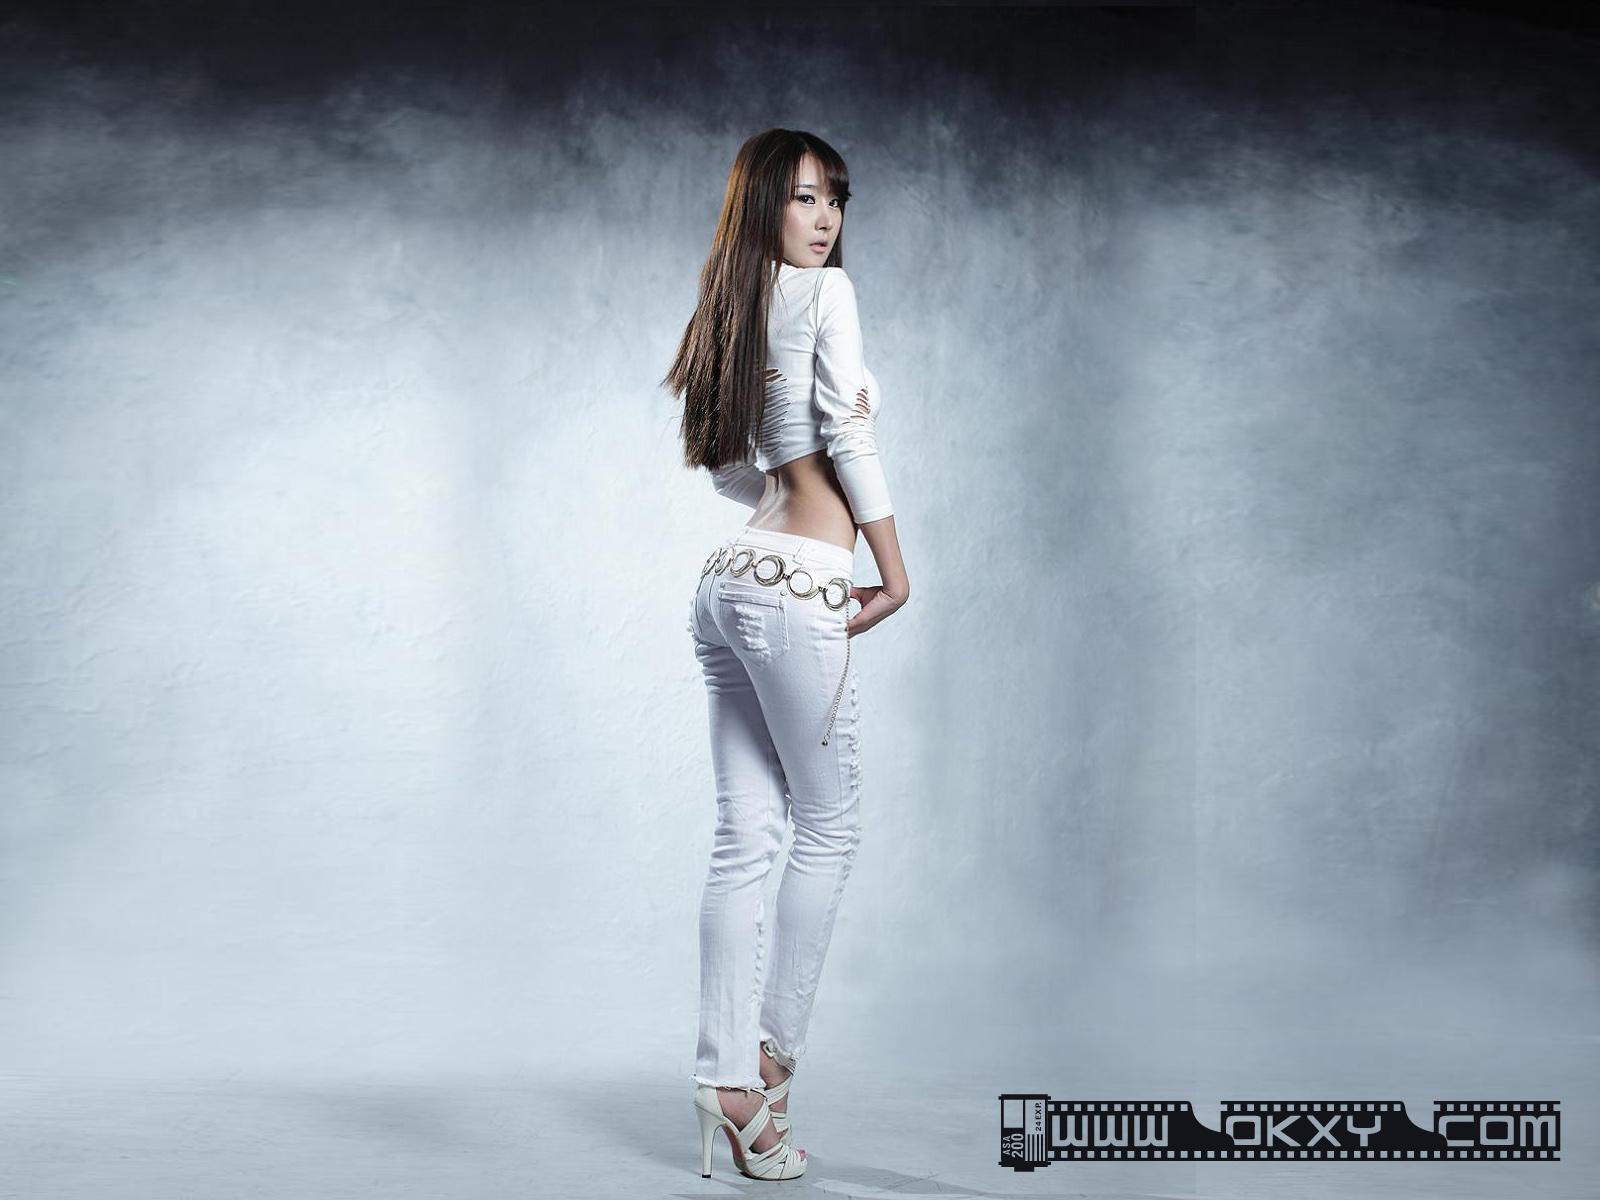 韩国美女美女电影韩国电影韩国美女壁纸高清